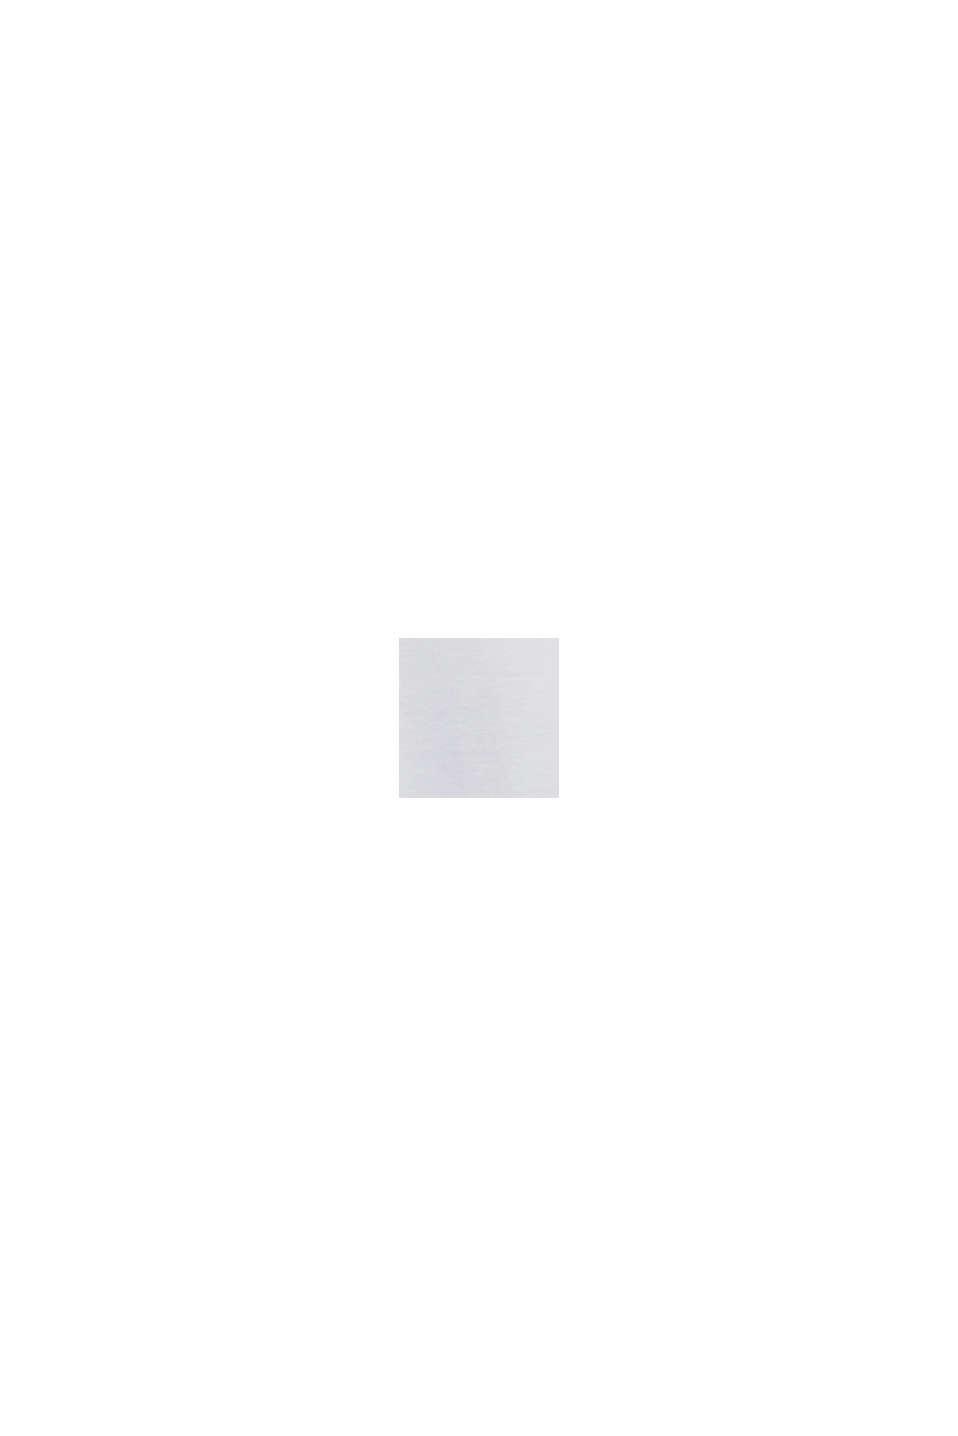 Jersey T-shirt van biologisch katoen met logo, WHITE, swatch